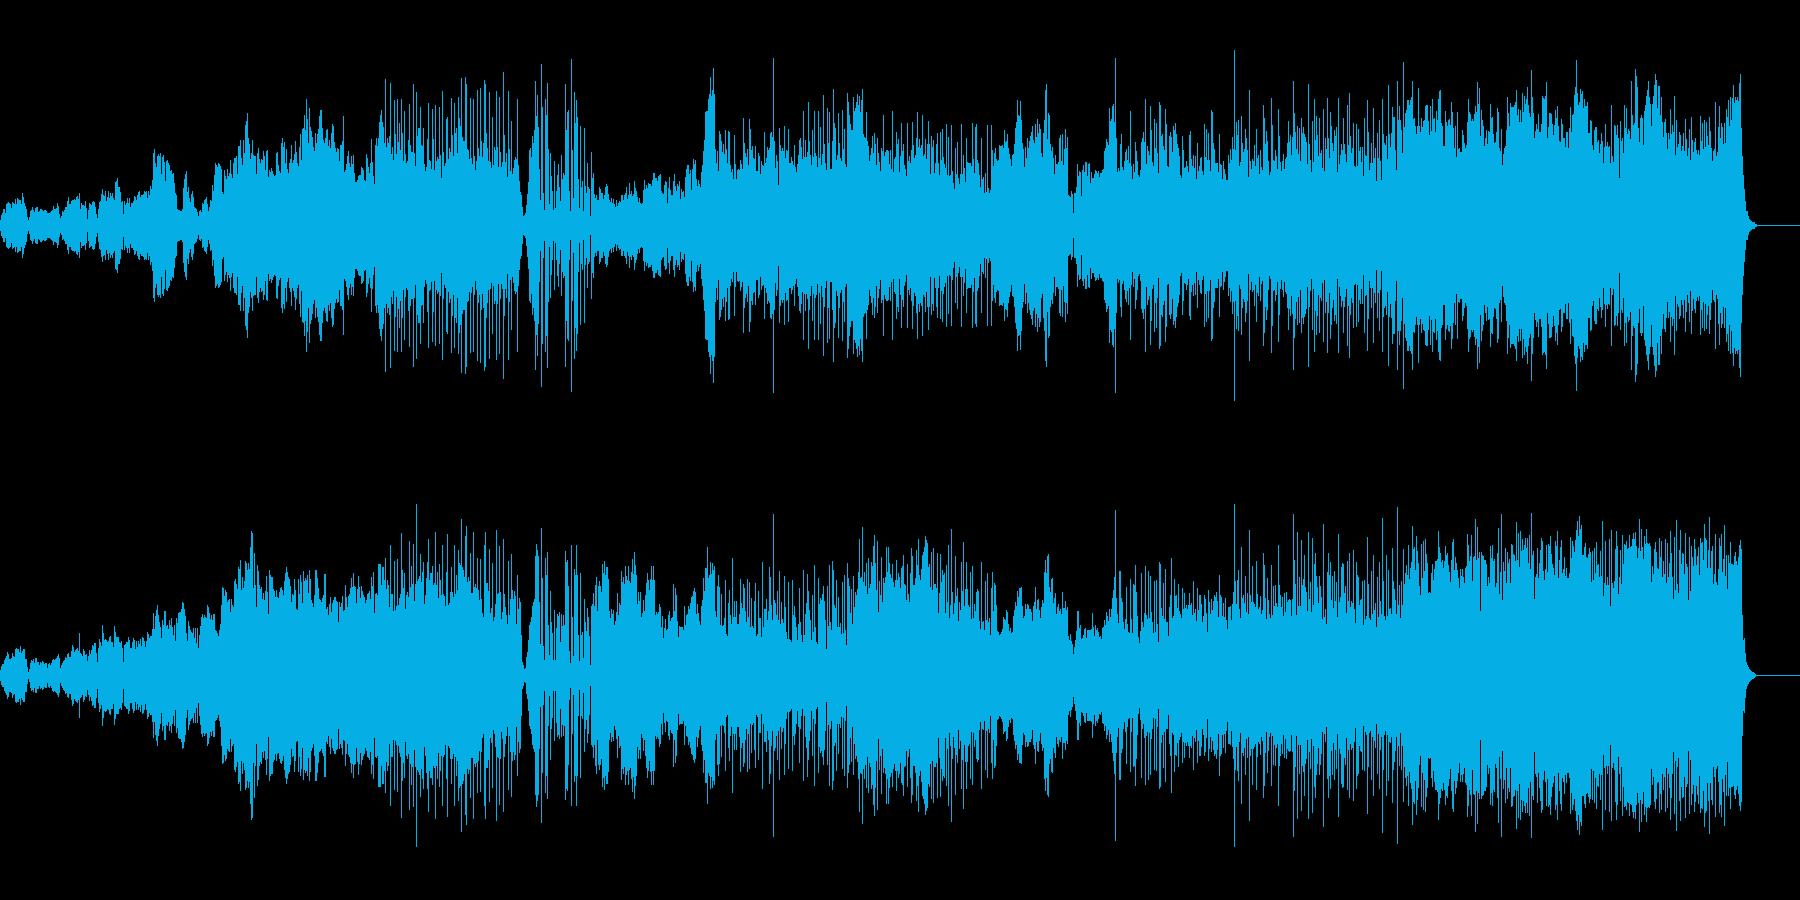 リズミカルなオーケストラの再生済みの波形